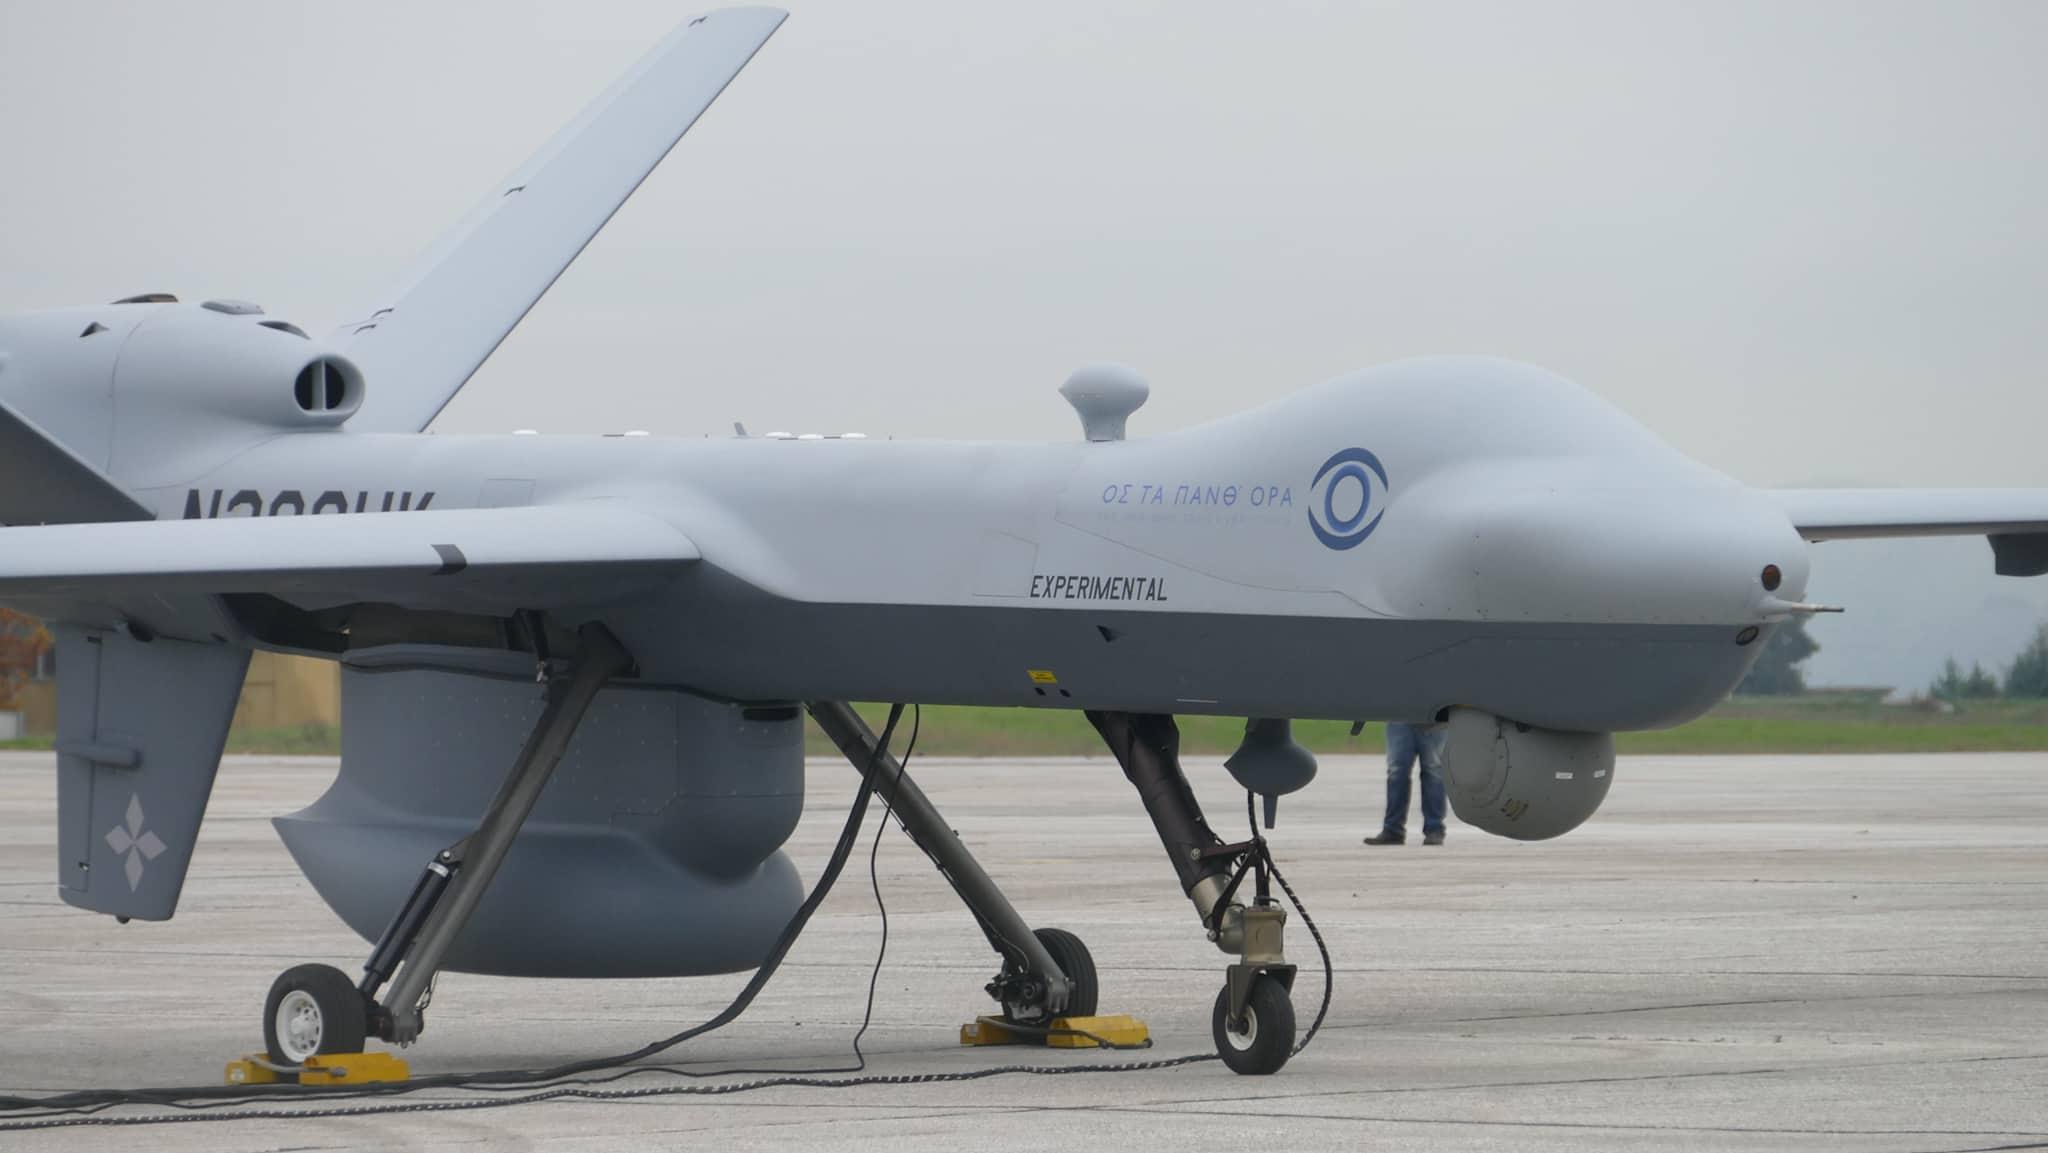 Ιδού το πρώτο drone της Πολεμικής Αεροπορίας – Επίδειξη στη Λάρισα σε τέσσερα σενάρια